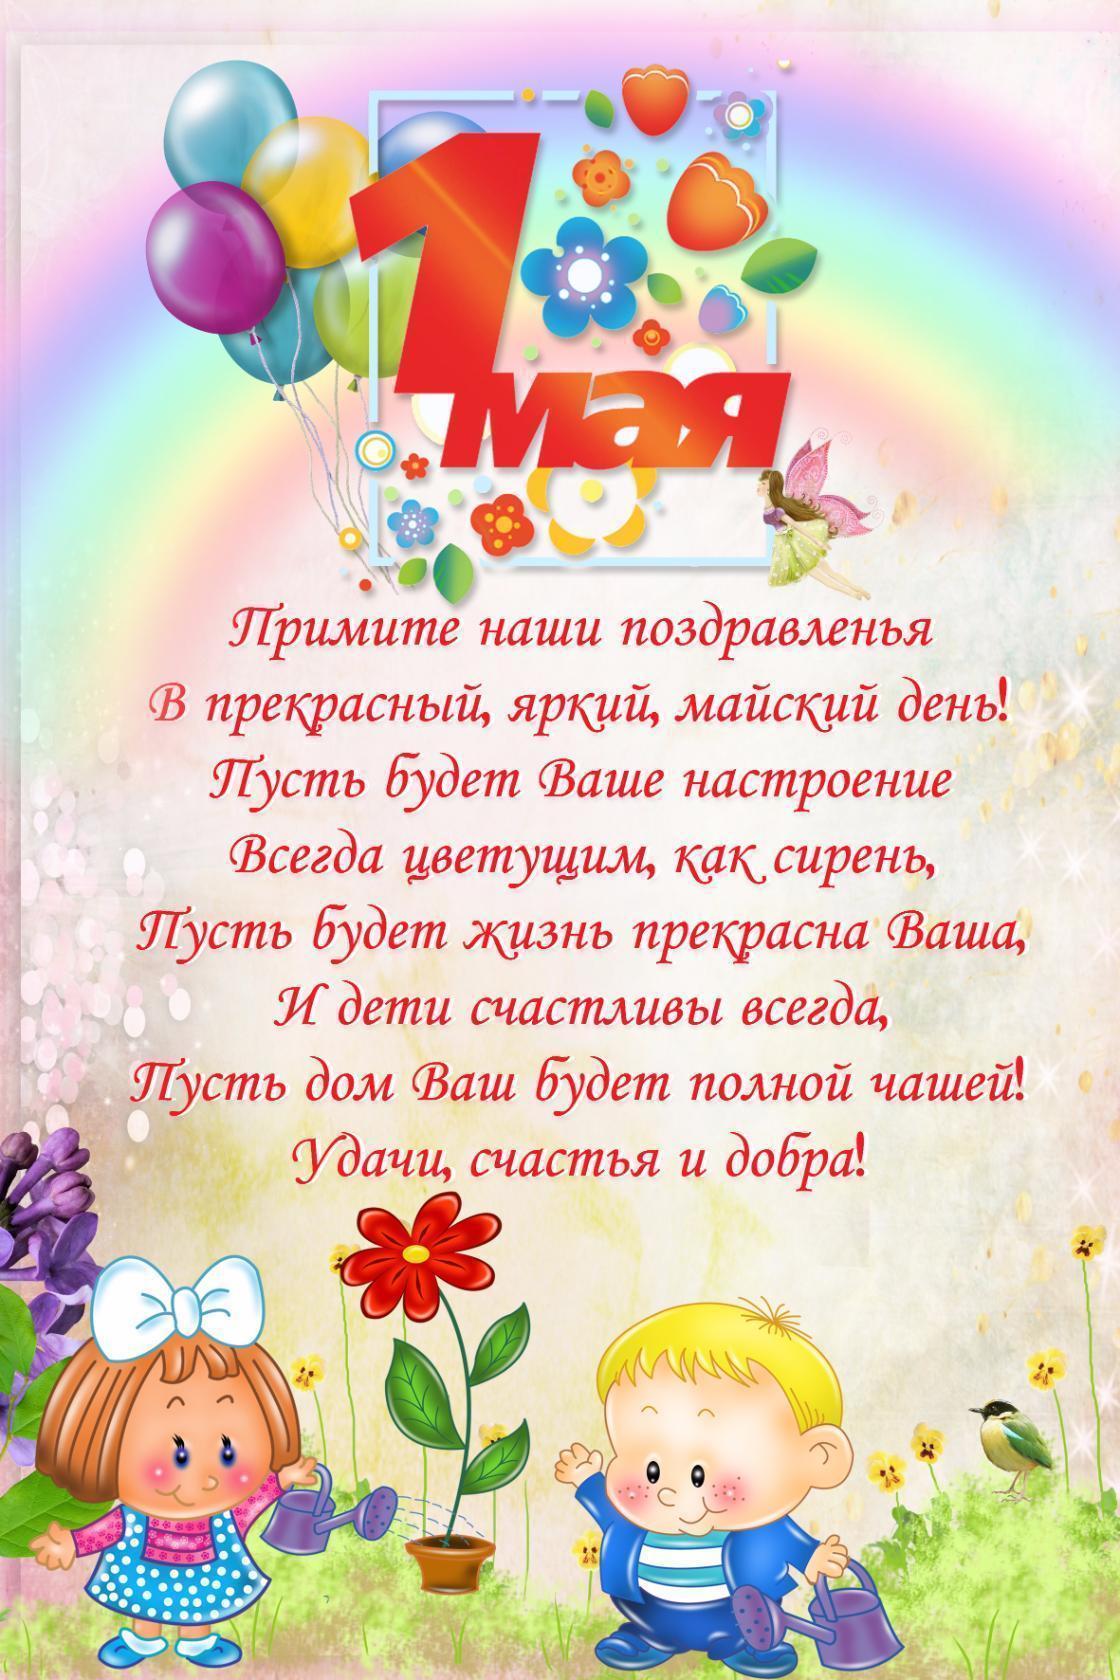 Стихотворение с 1 мая для детей